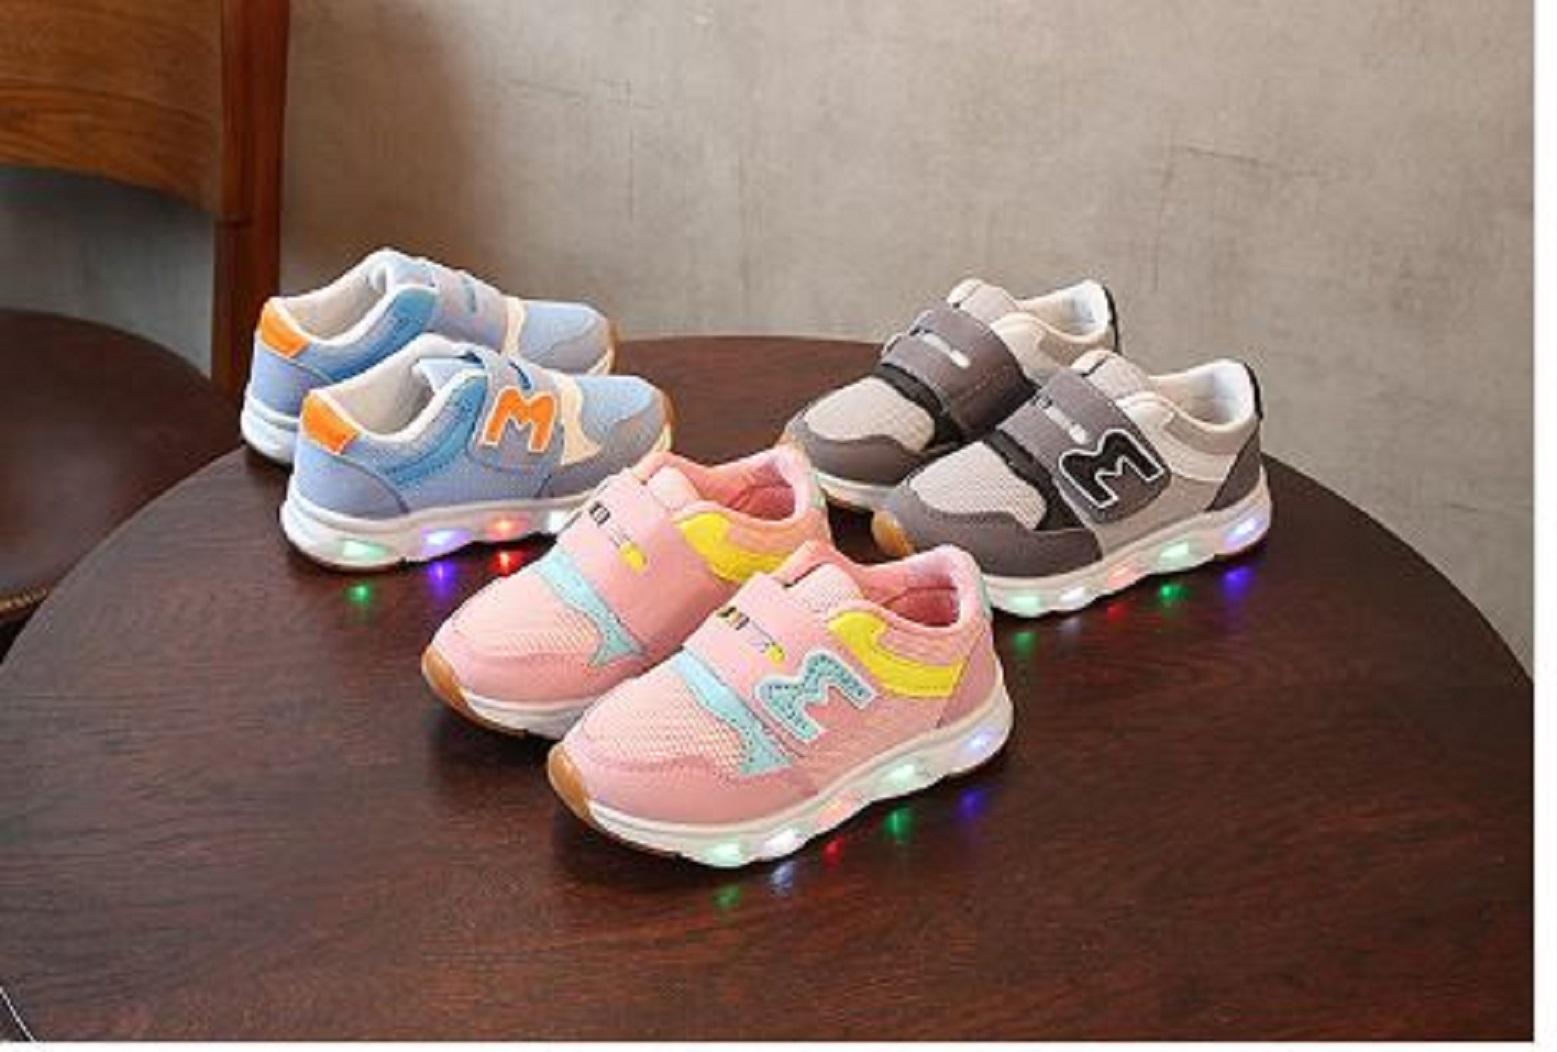 Giá bán Giầy trẻ em giầy thể thao trẻ em có đèn Led bền đẹp giá tốt A-1B-1M màu xanh  -AL